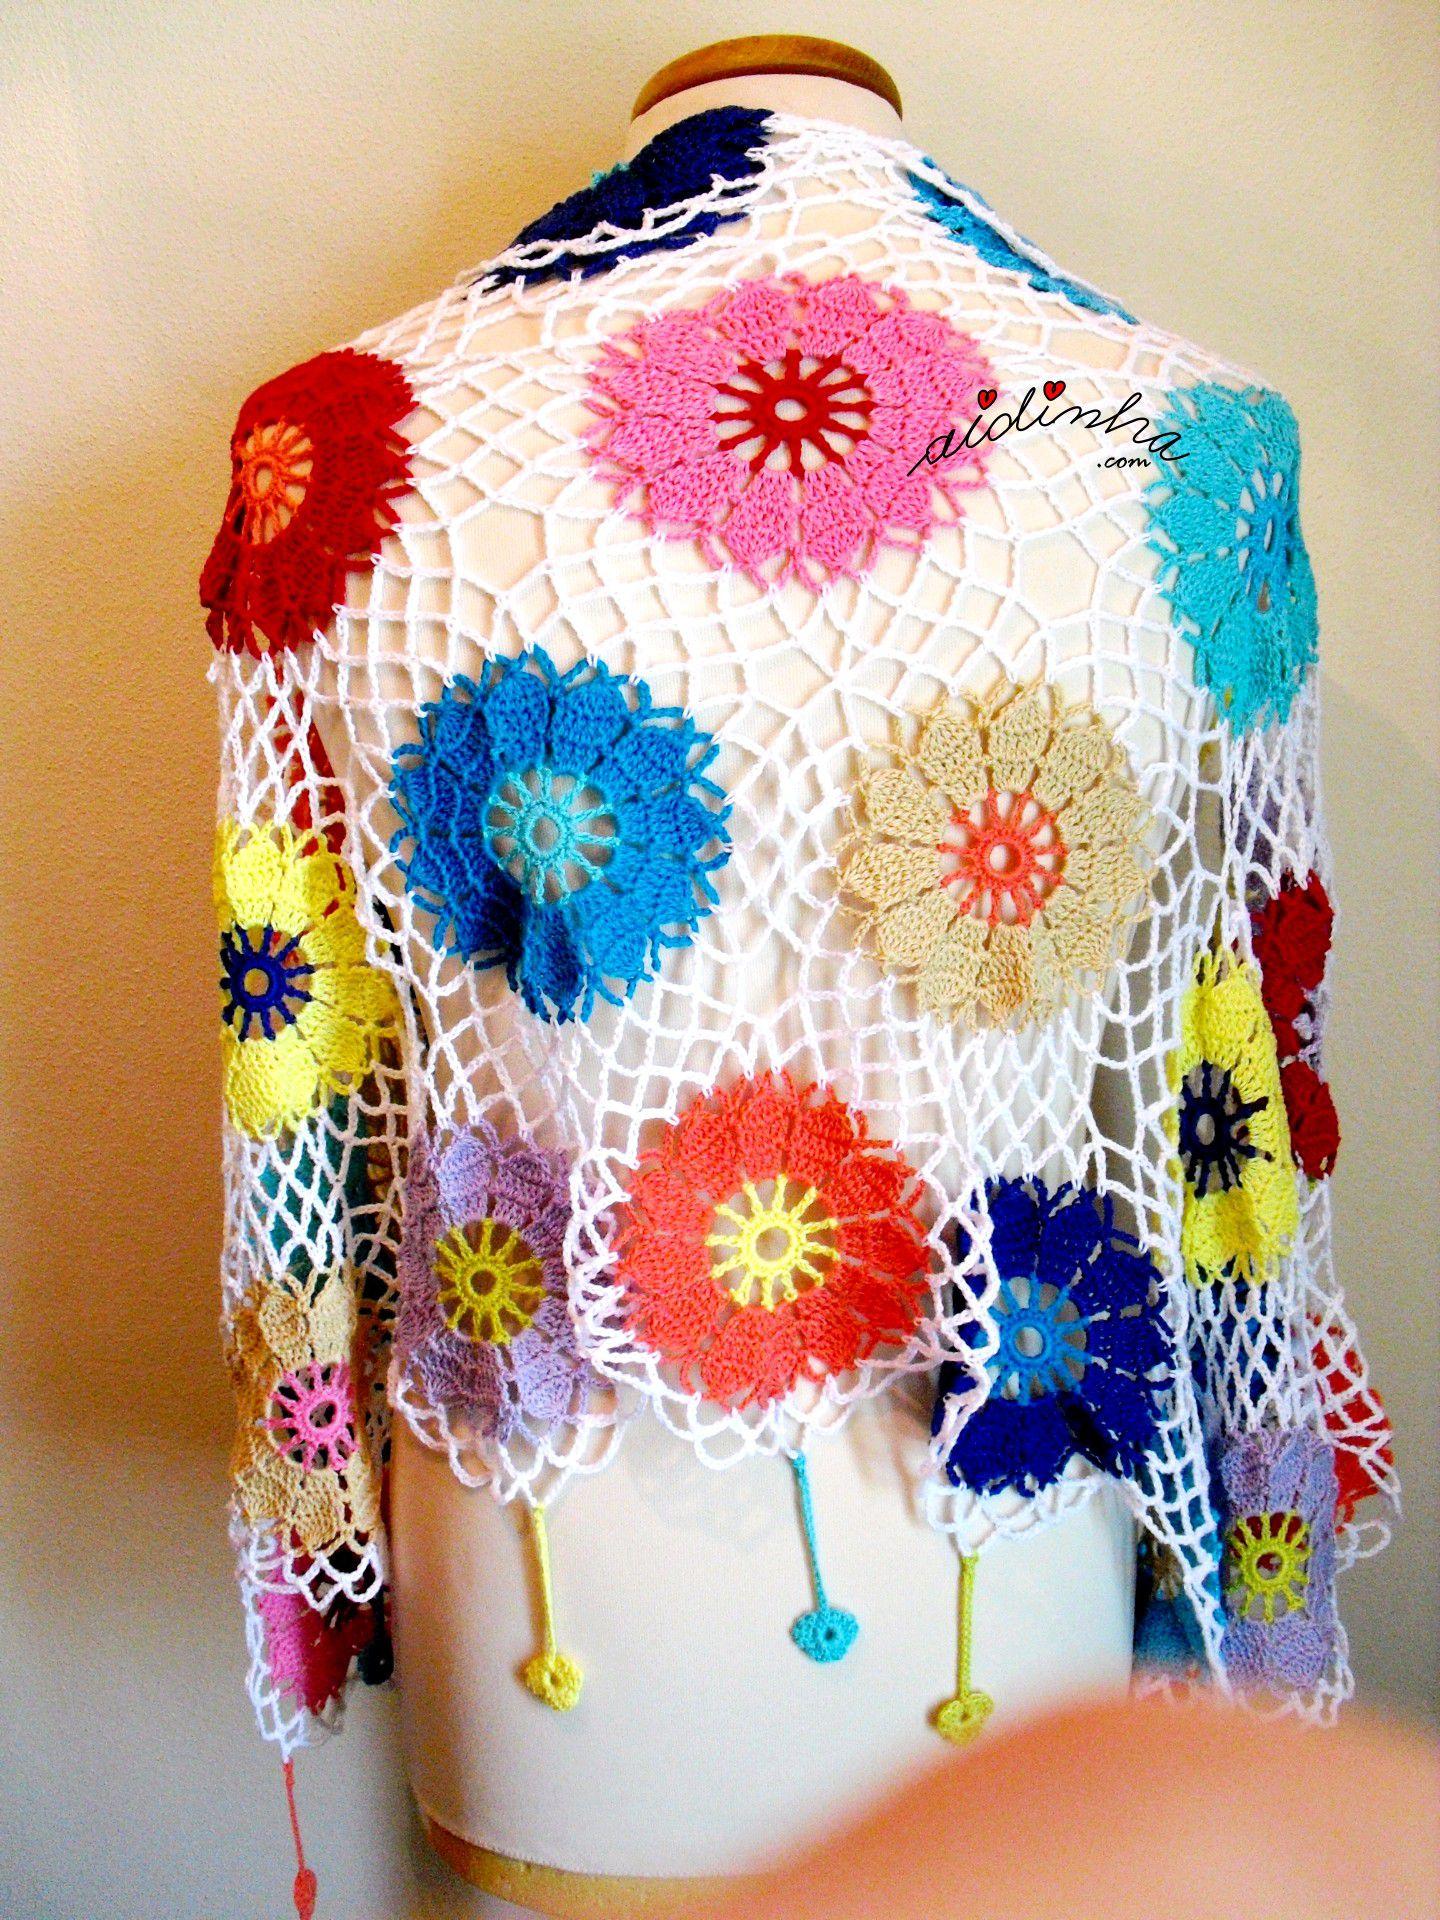 Parte detrás da écharpe multicolorida com rosetas de crochet